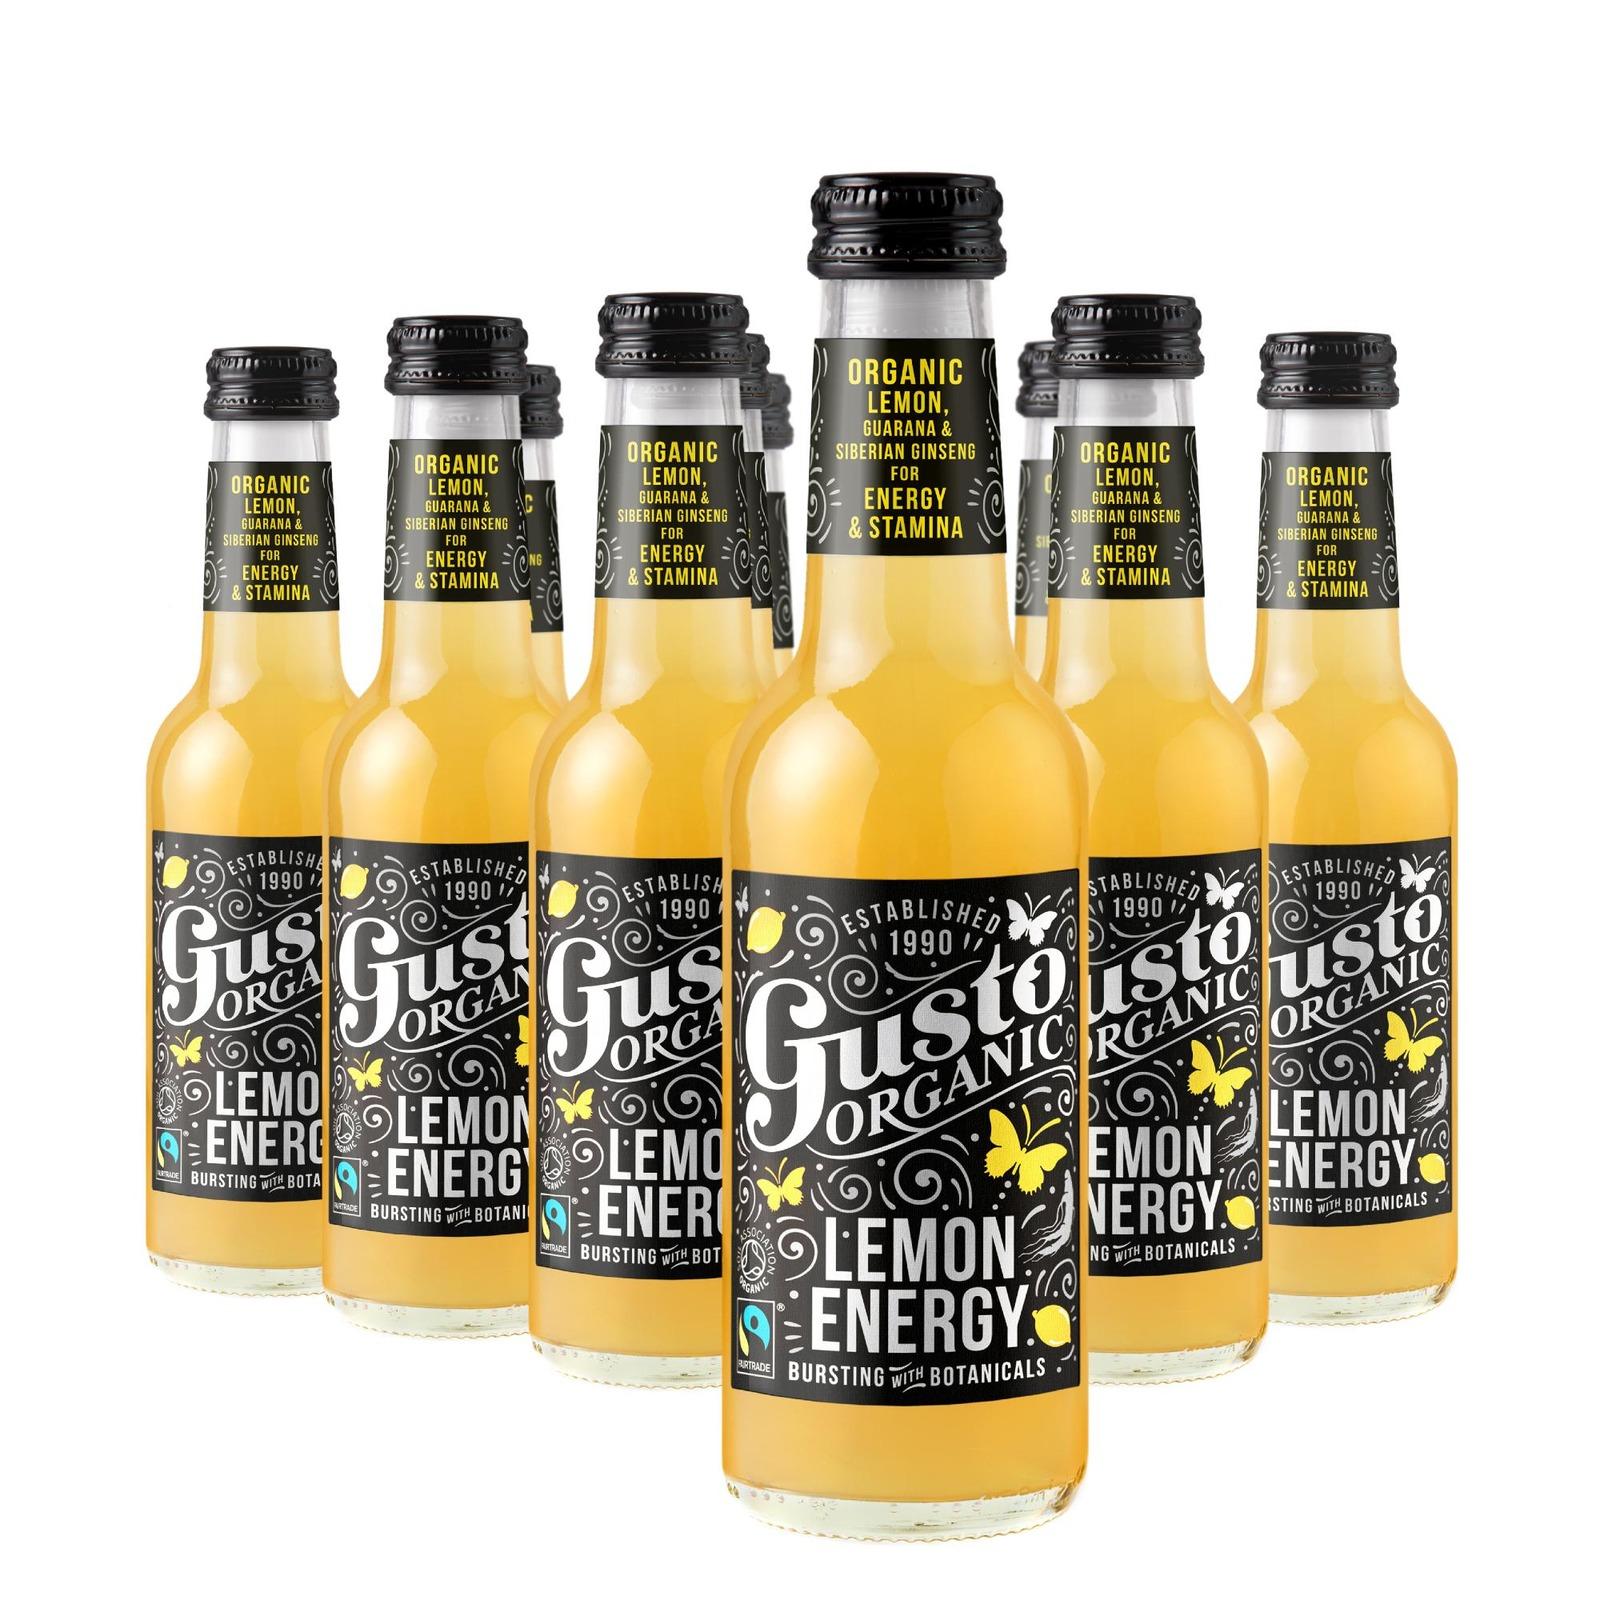 Gusto Organic Lemon Energy